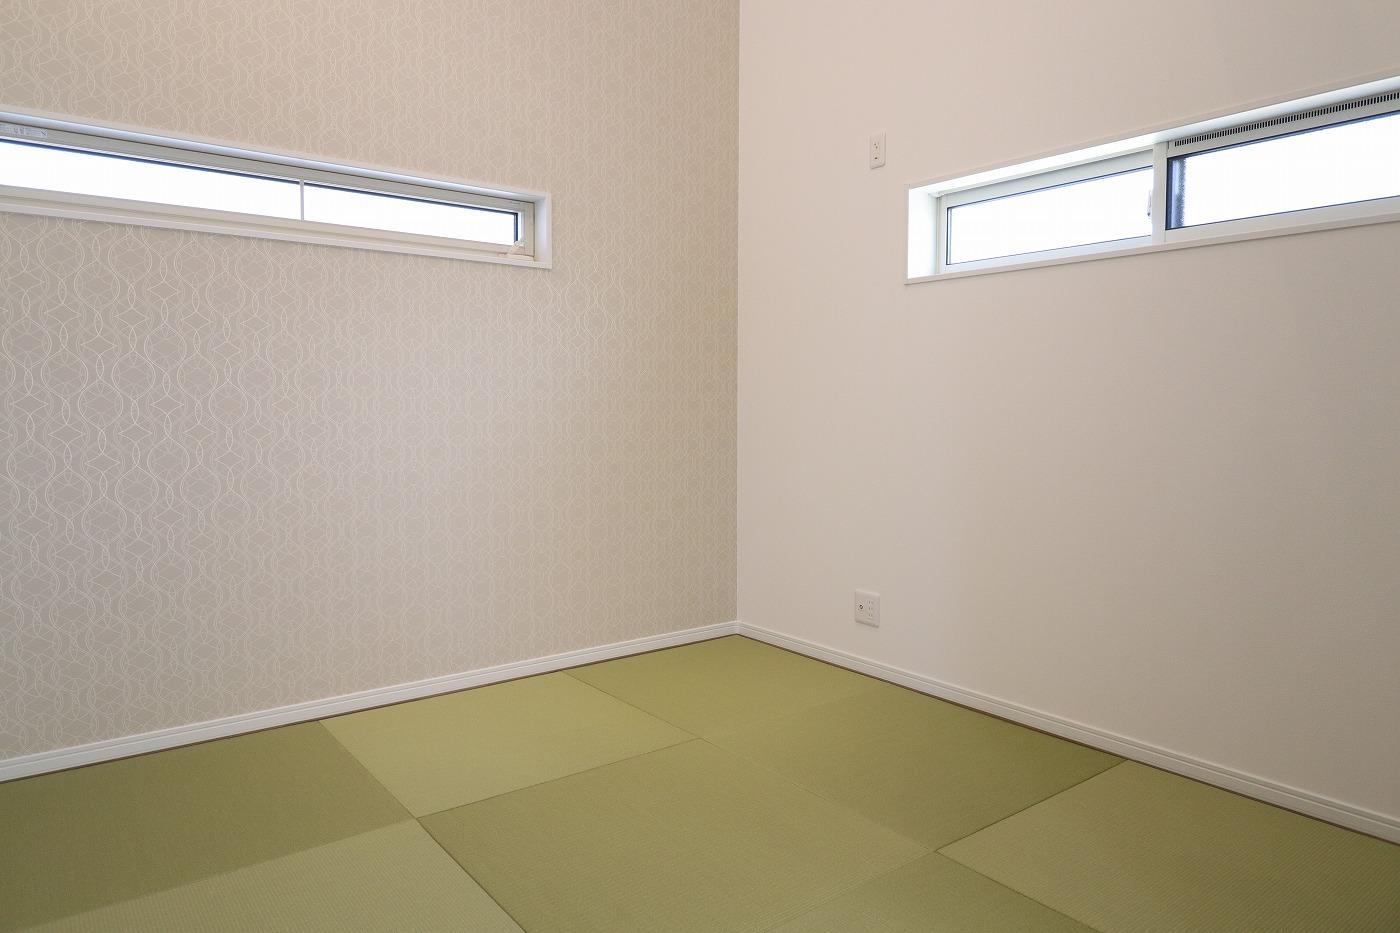 高松市木太町新築分譲建売住宅の和室